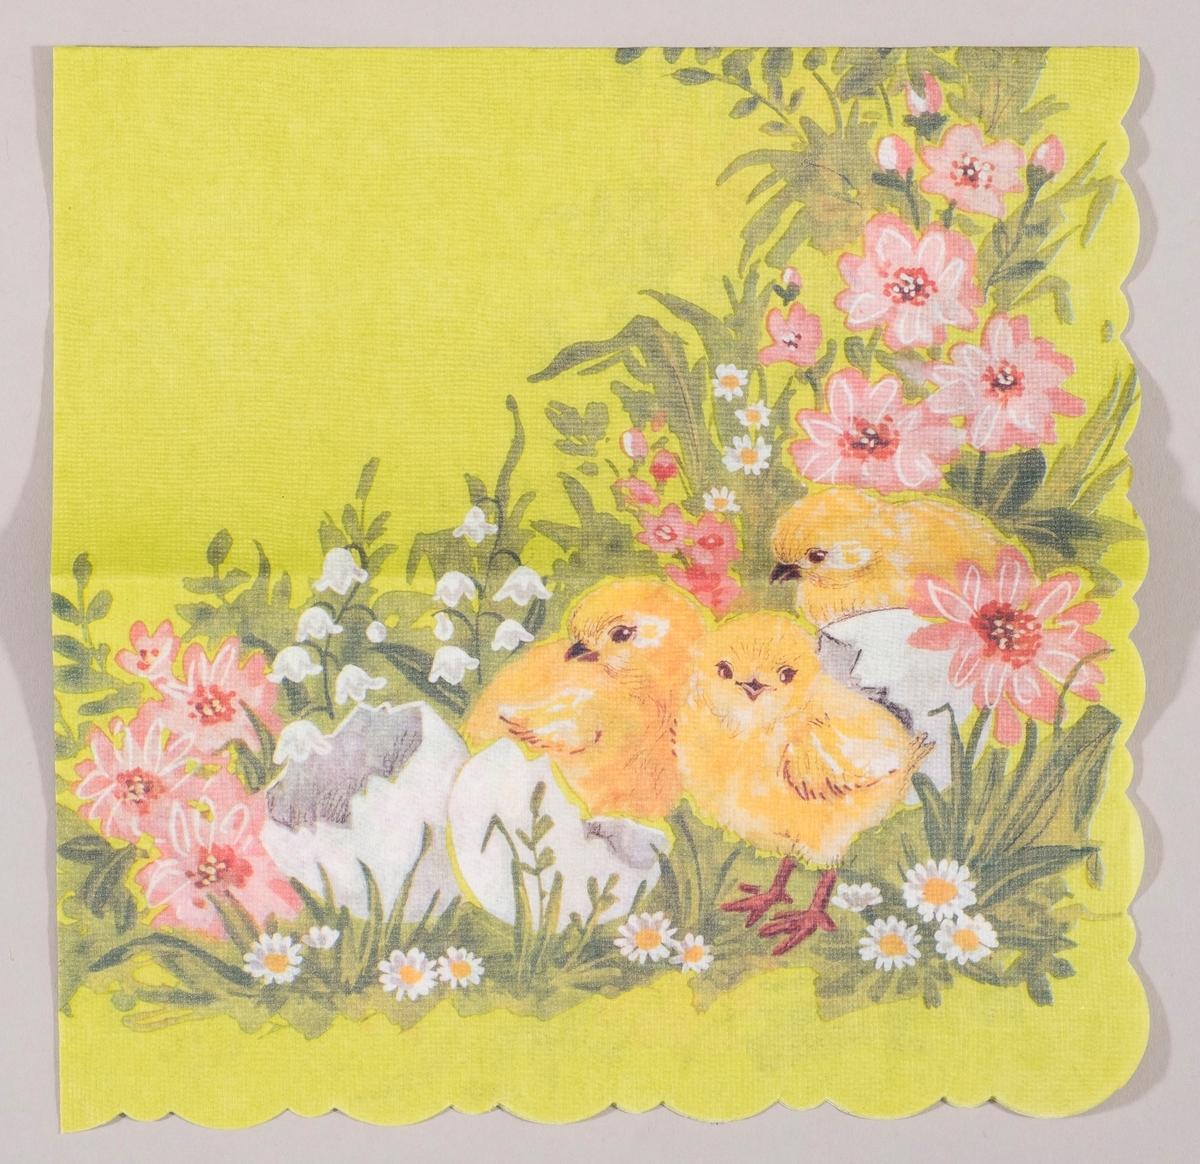 Tre kyllinger står sammen med skallet til egg i en blomstereng med hvite og rosa blomster.